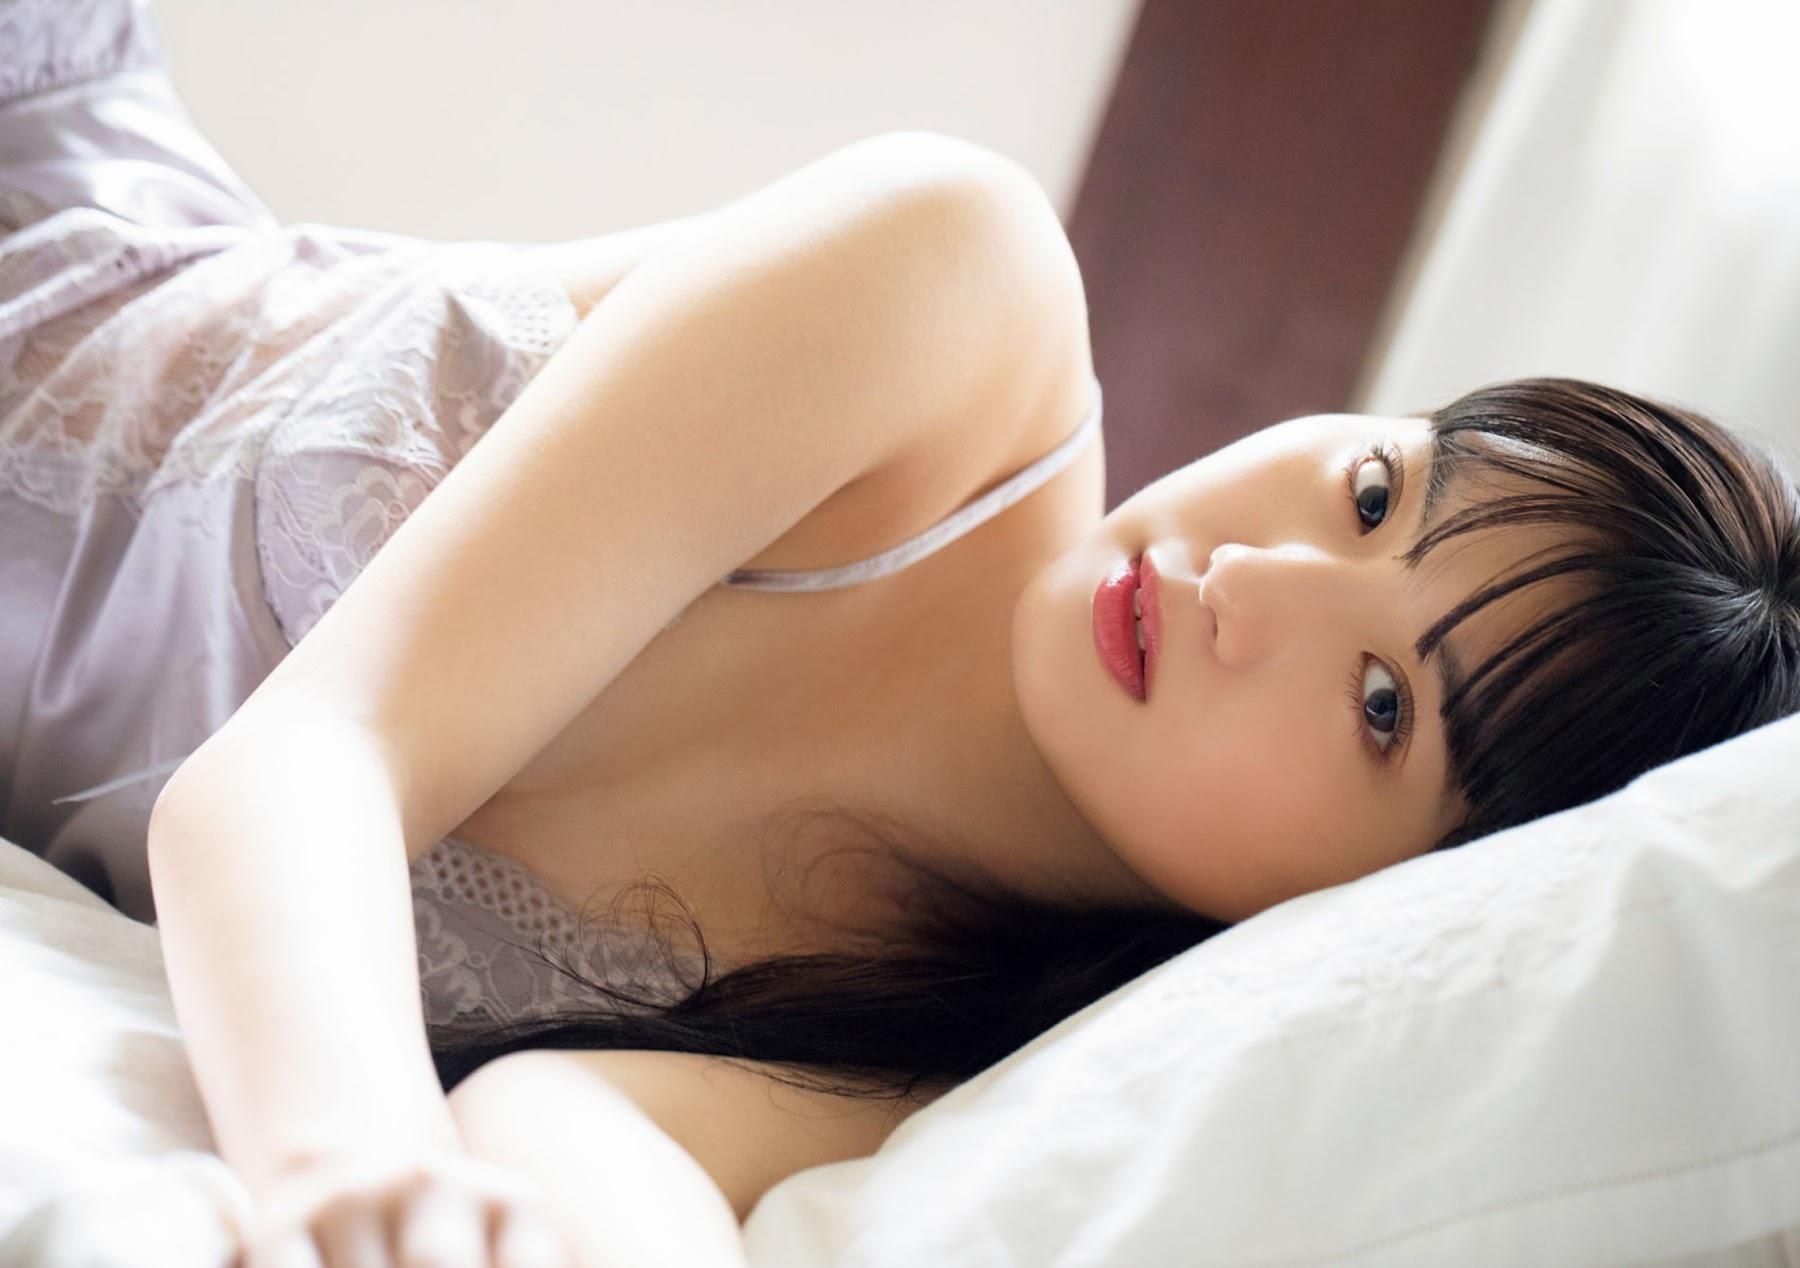 鶴嶋乃愛41